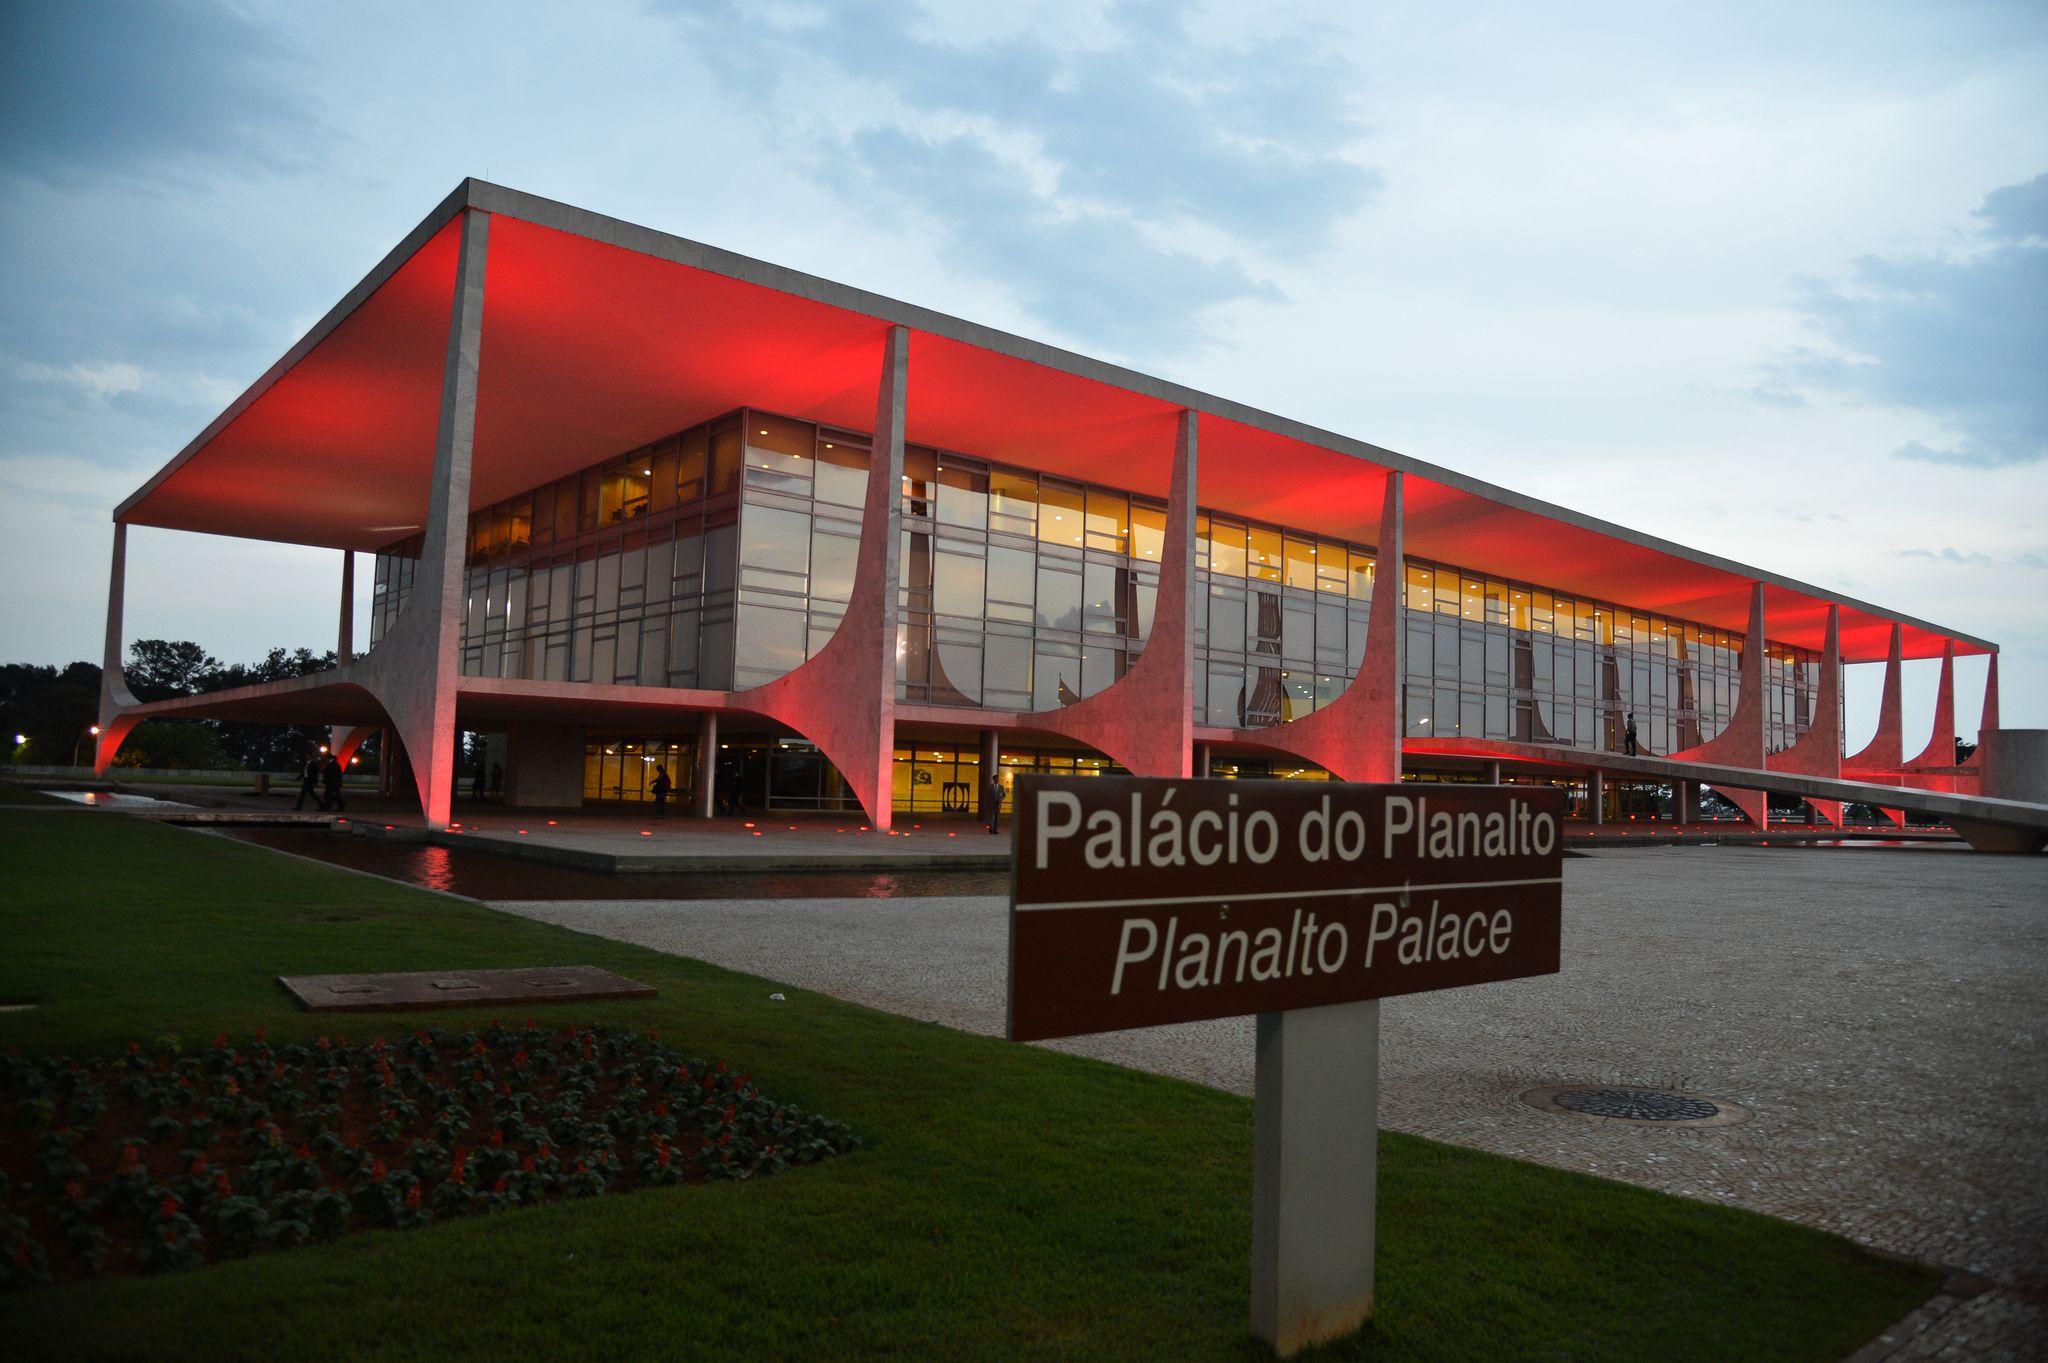 Catarinenses relevam intenção de voto para definir o próximo ocupante do Palácio do Planalto – Foto: Valter Campanato/ Agência Brasil/Divulgação/ND